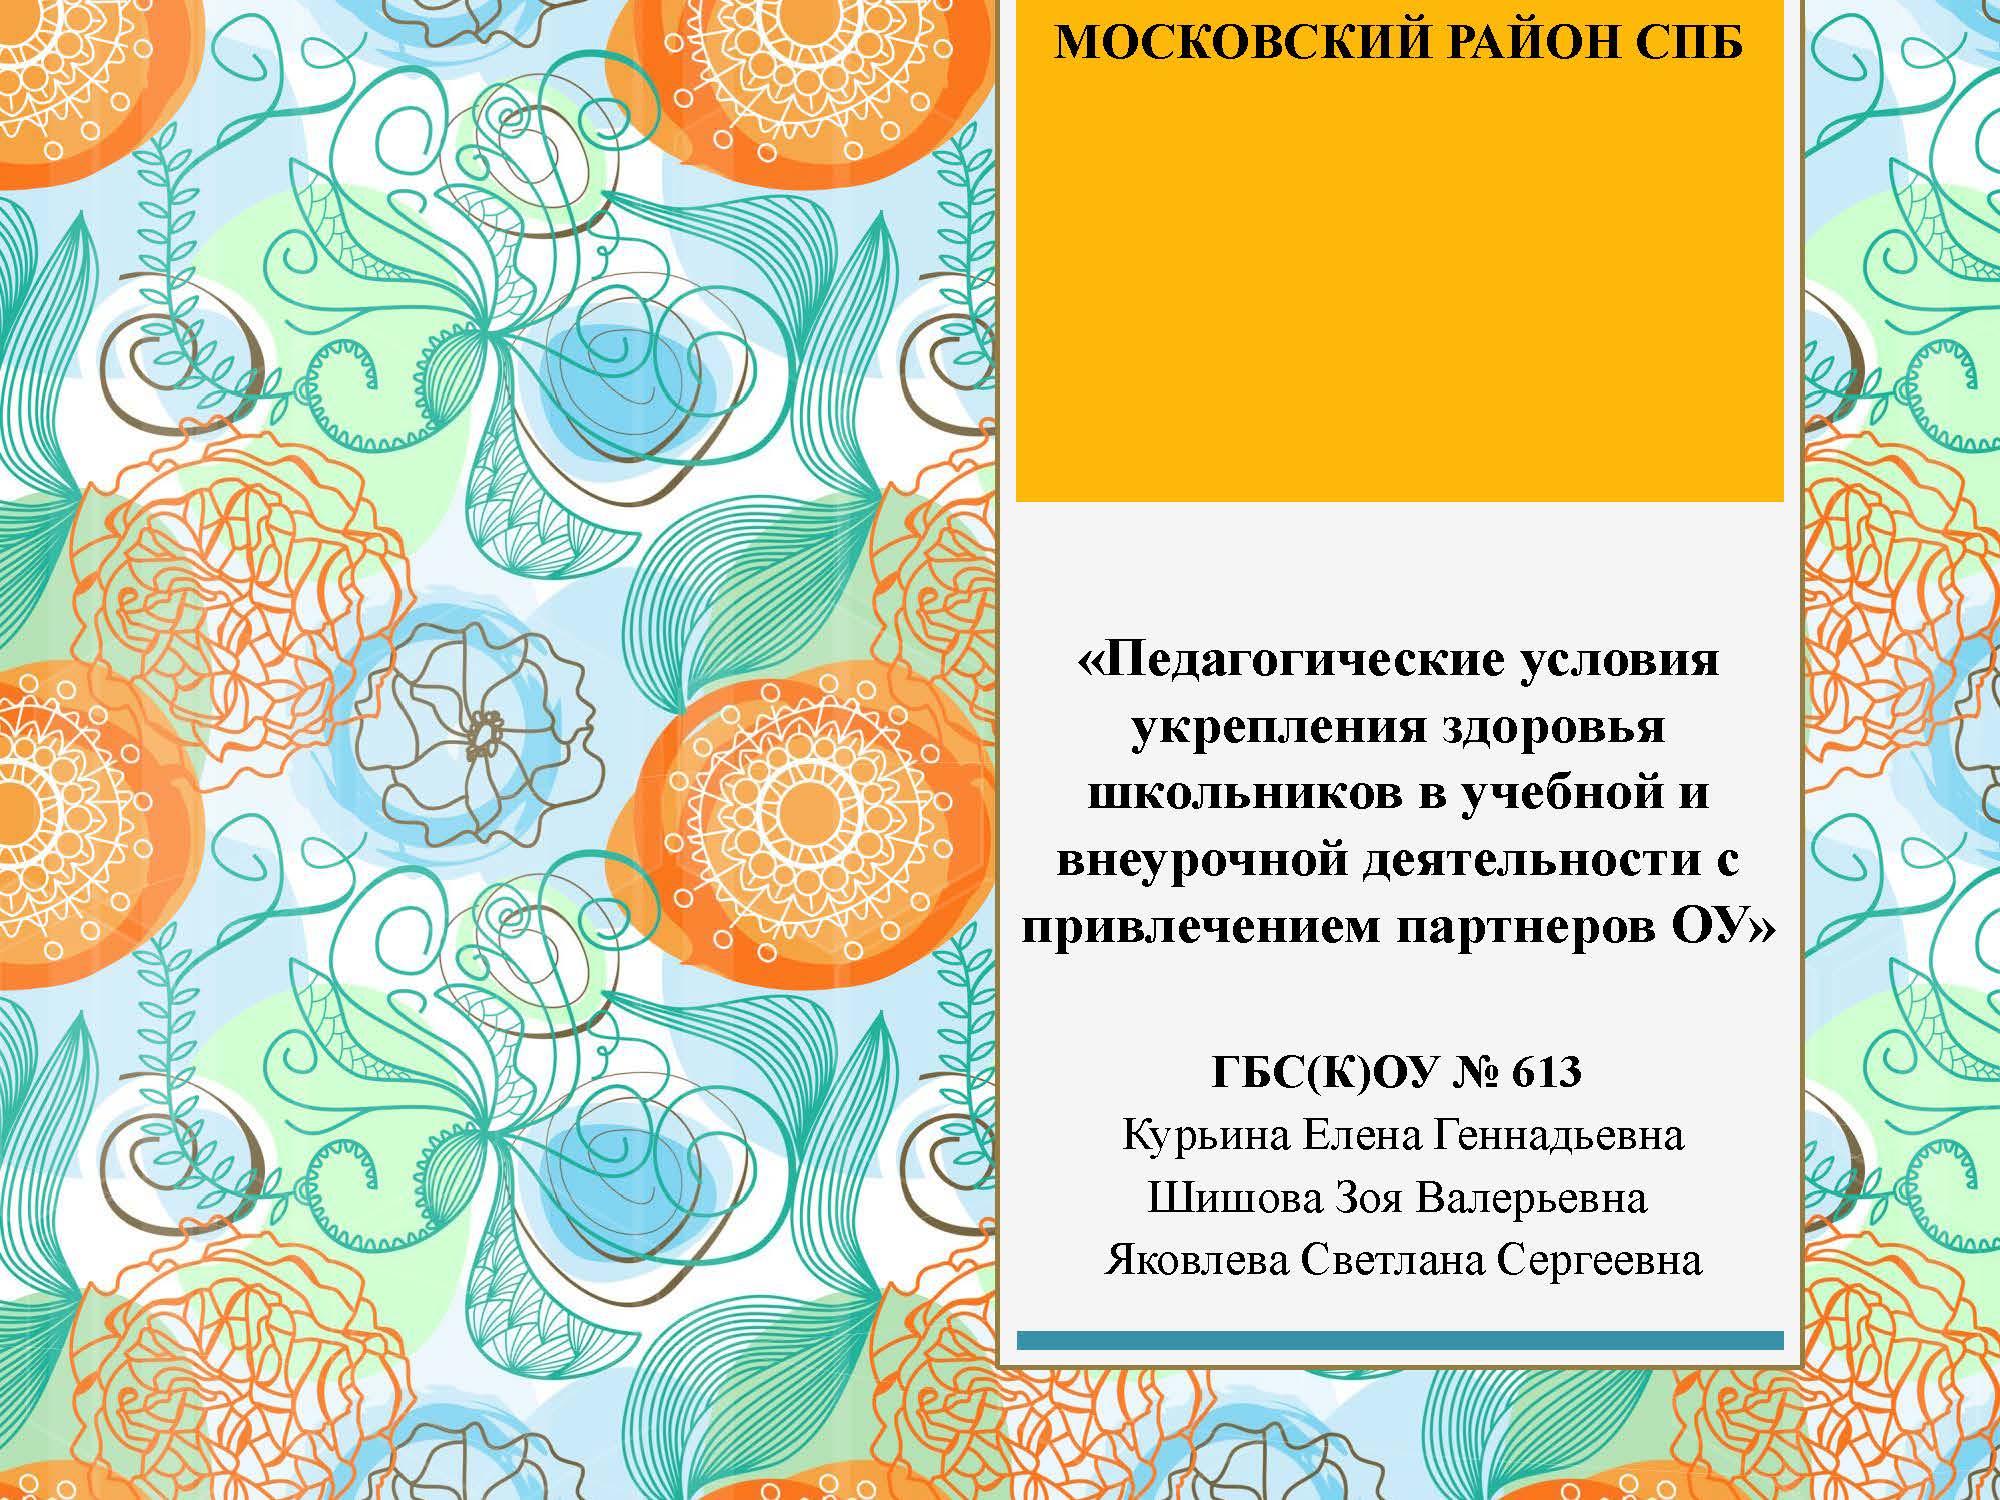 секция 8. ГБС(К)ОУ 613. Московский район_Страница_01